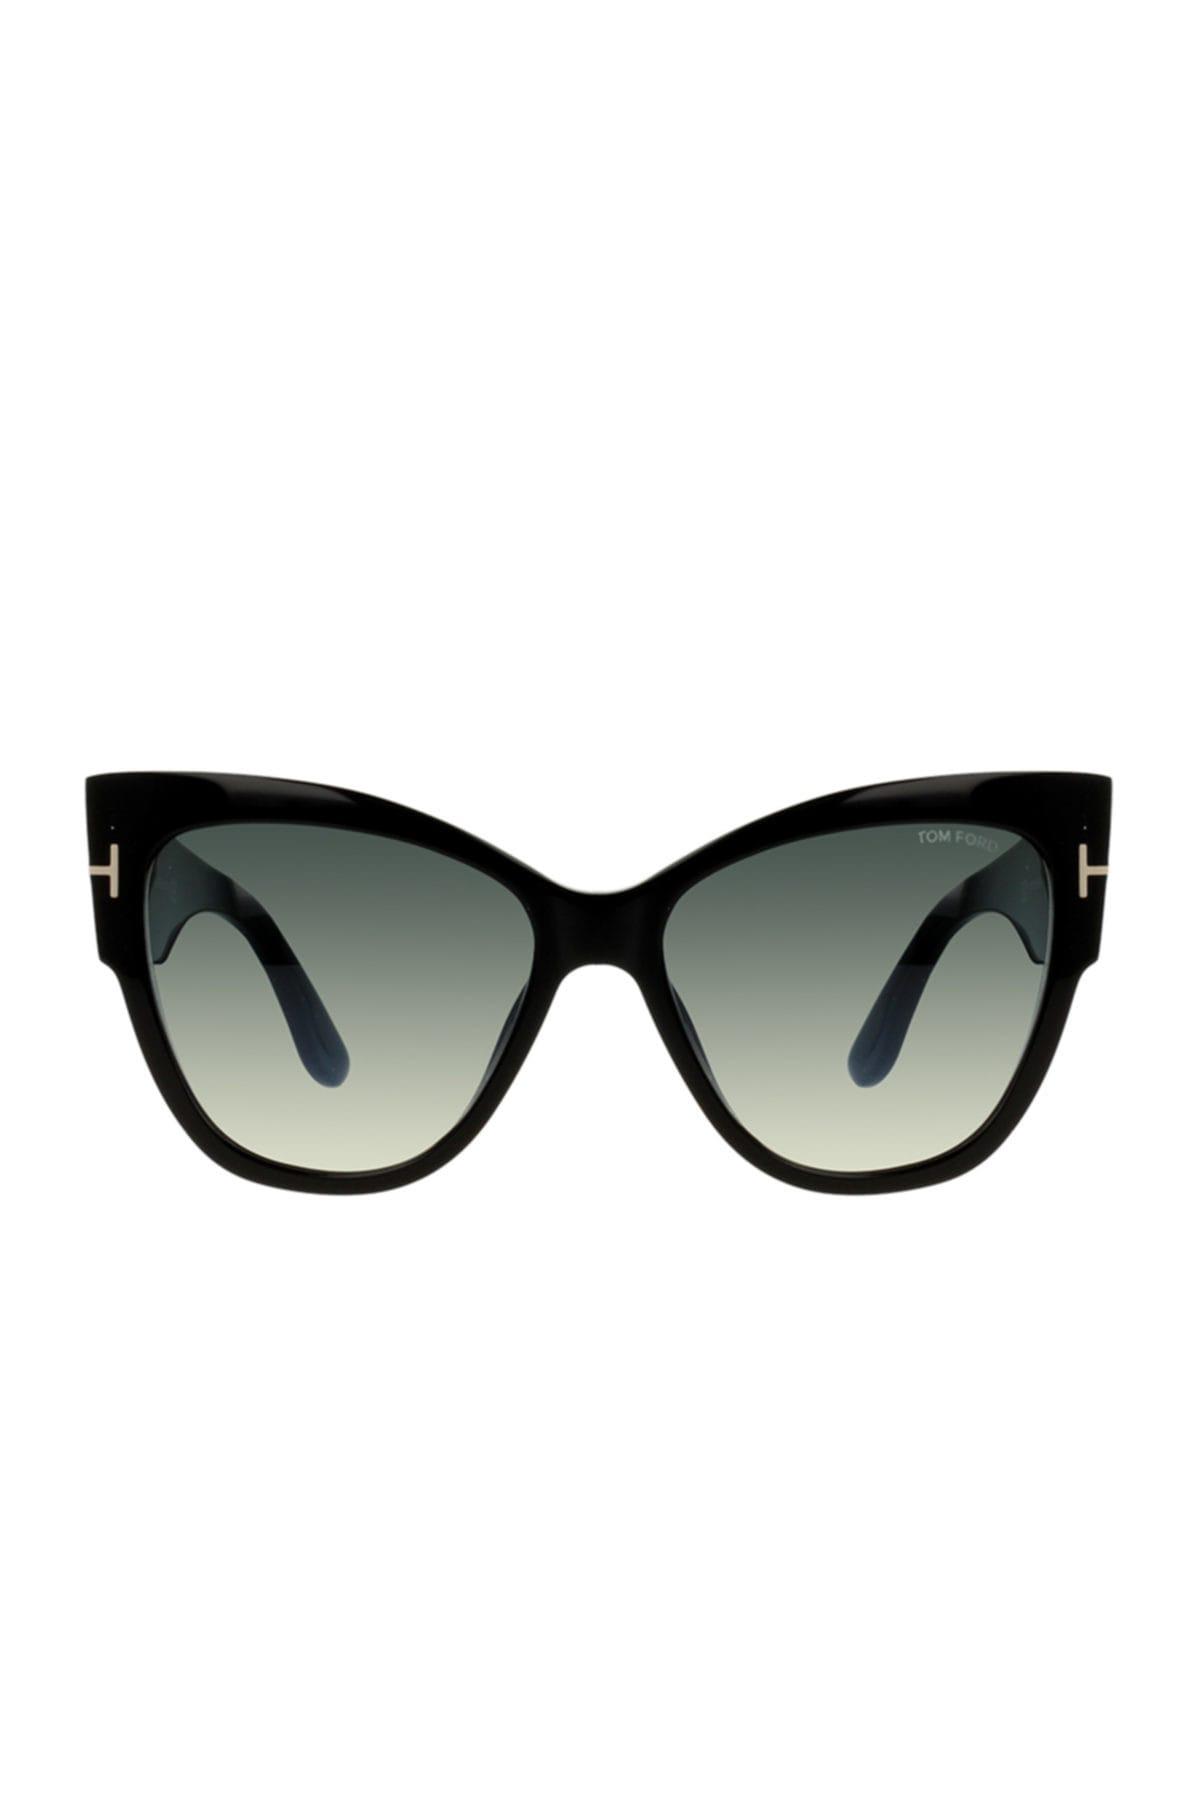 Tom Ford Kadın Güneş Gözlüğü 0371 01B 57*16*140 1